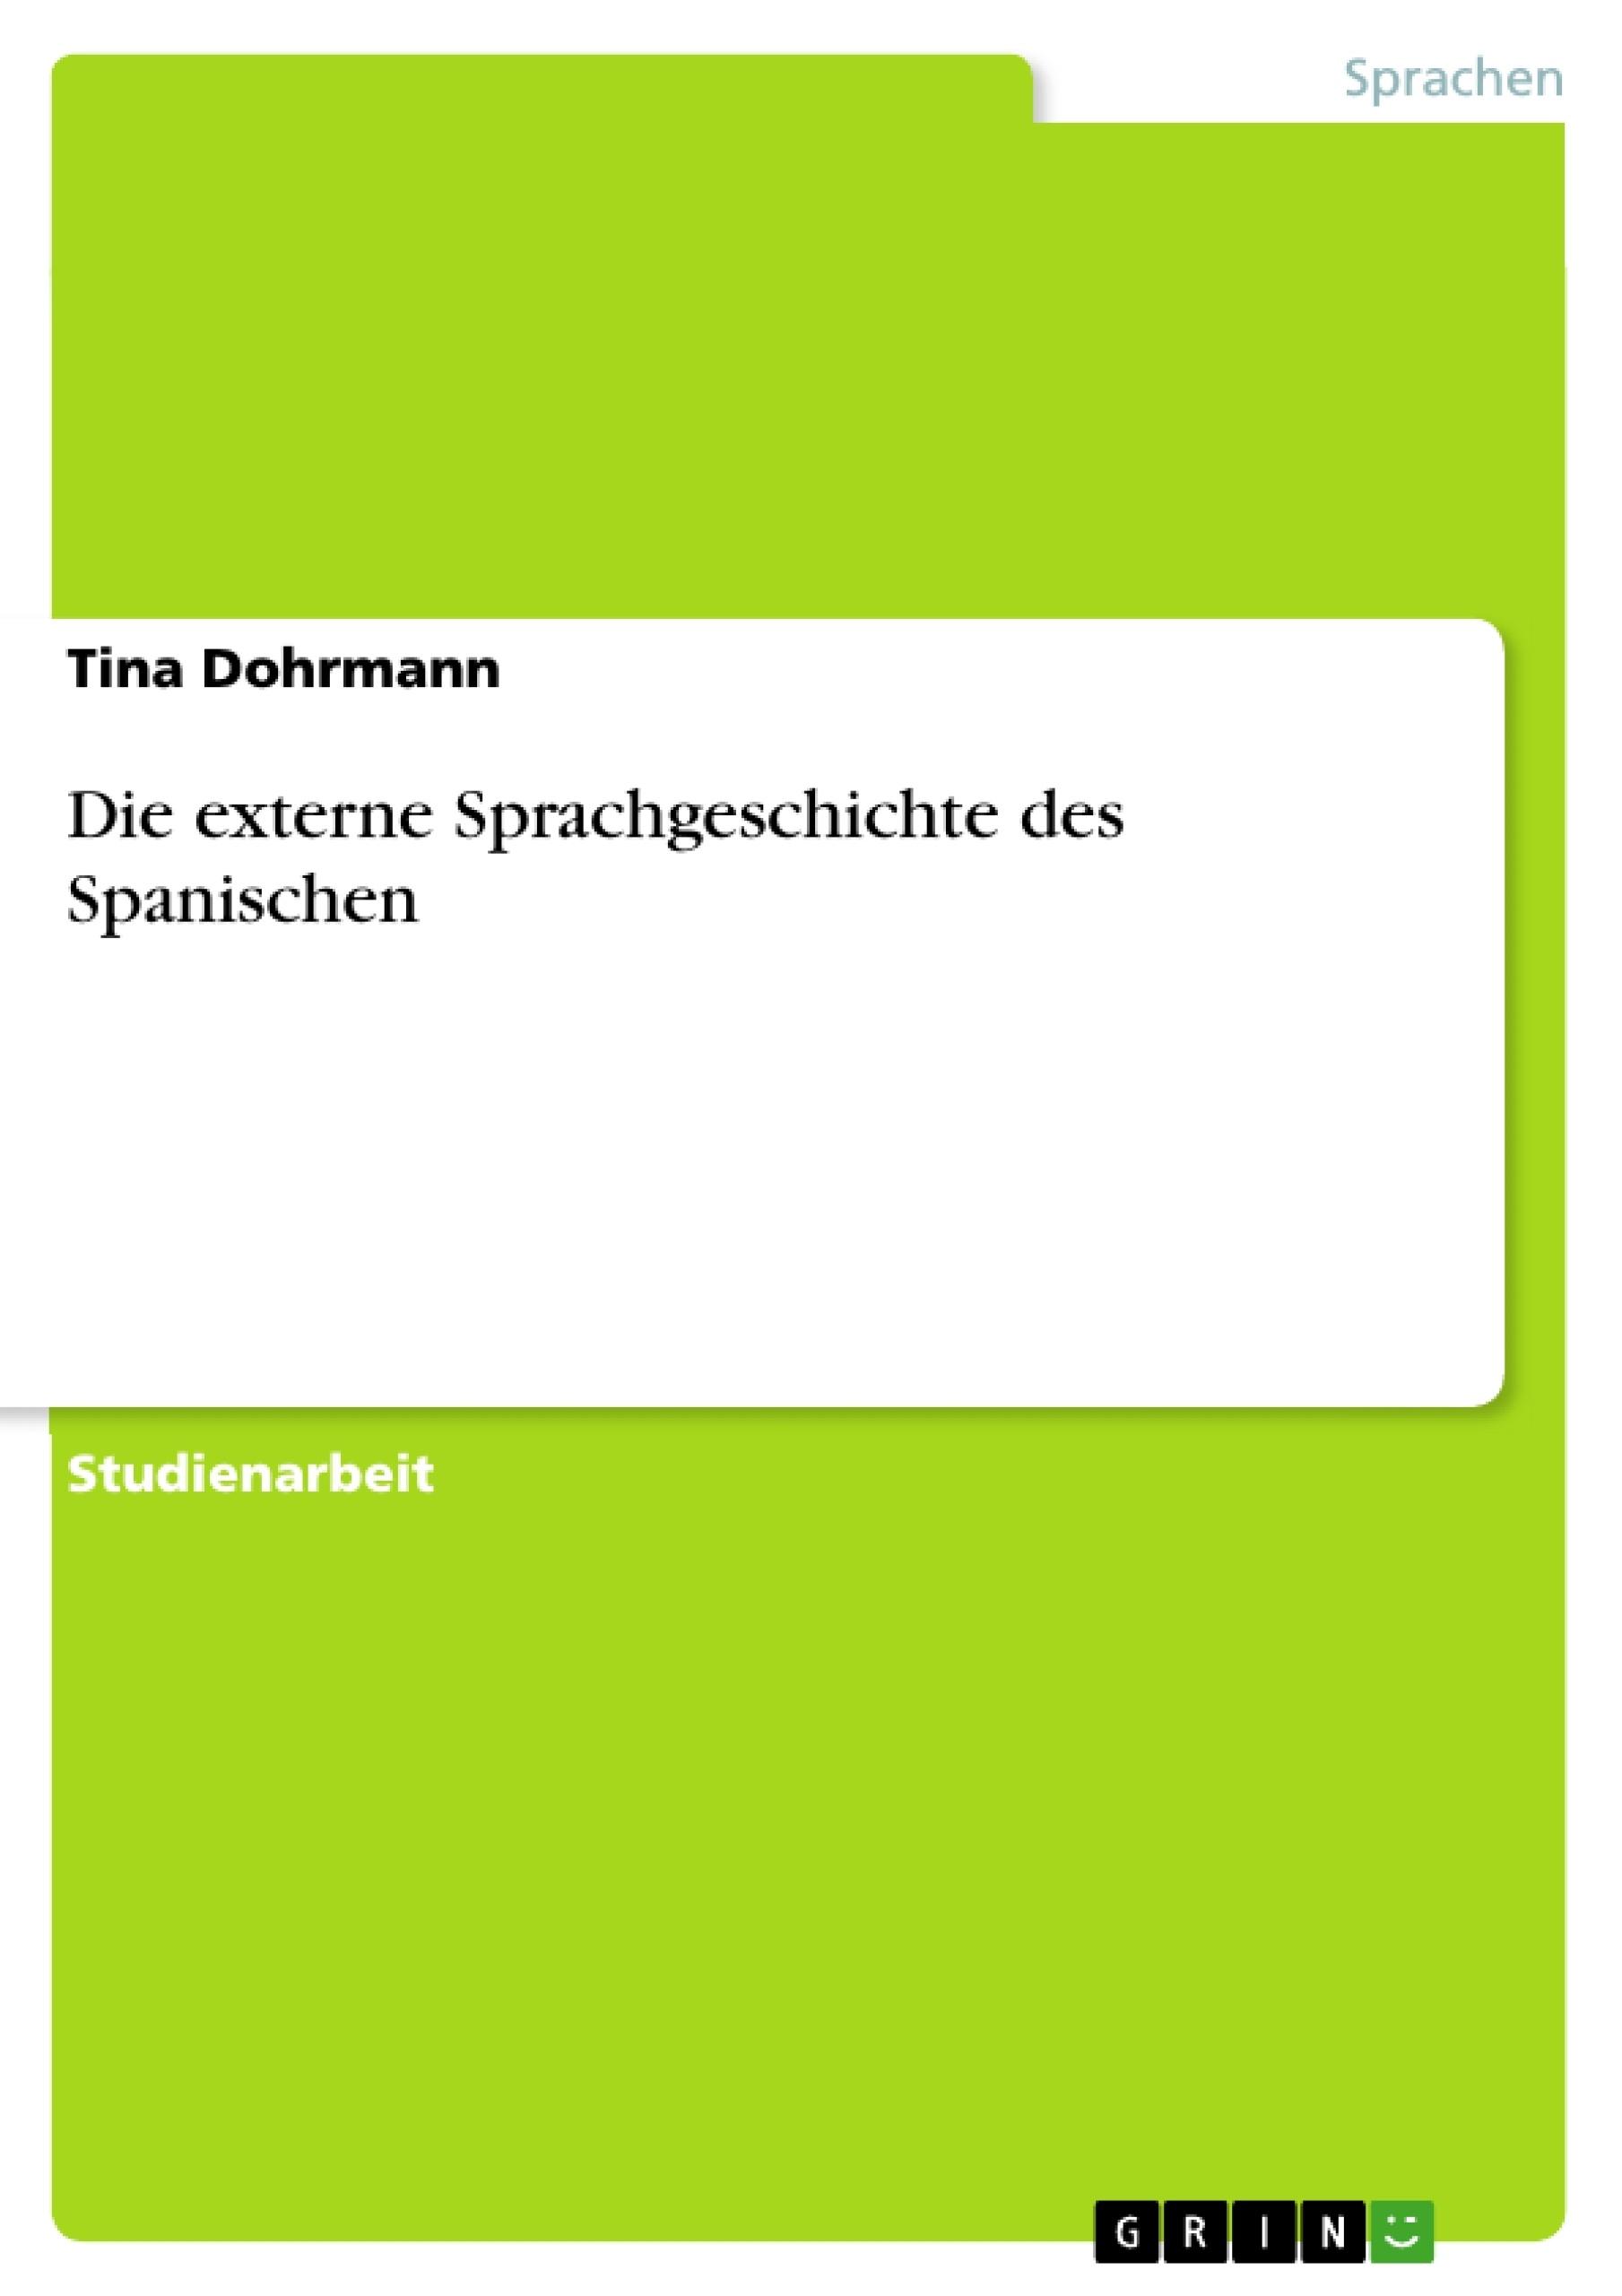 Titel: Die externe Sprachgeschichte des Spanischen